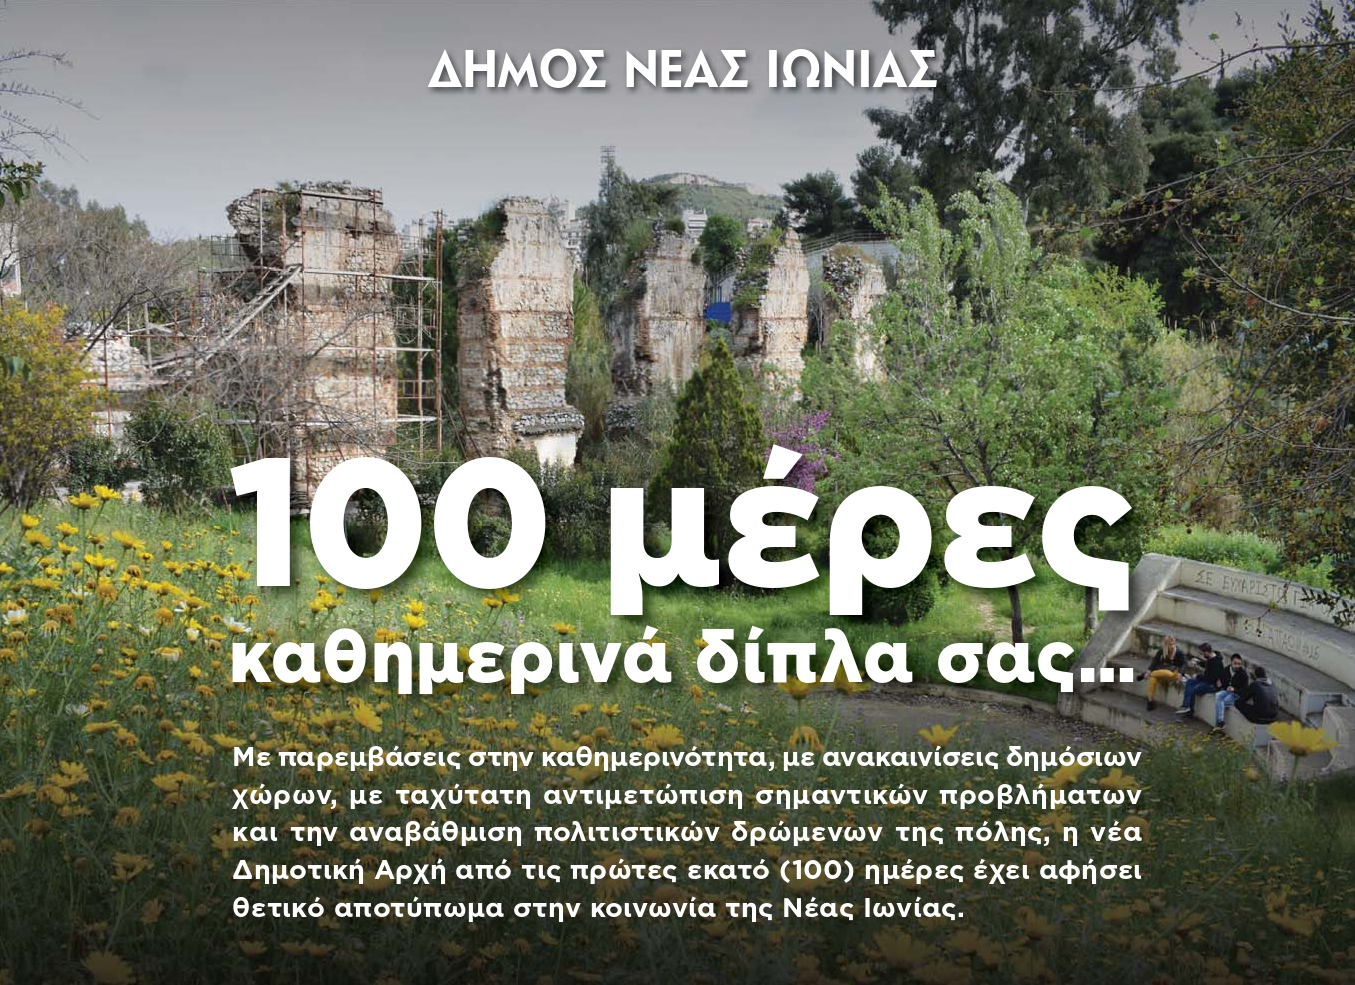 Νέα Ιωνία: Ο απολογισμός των πρώτων 100 ημερών